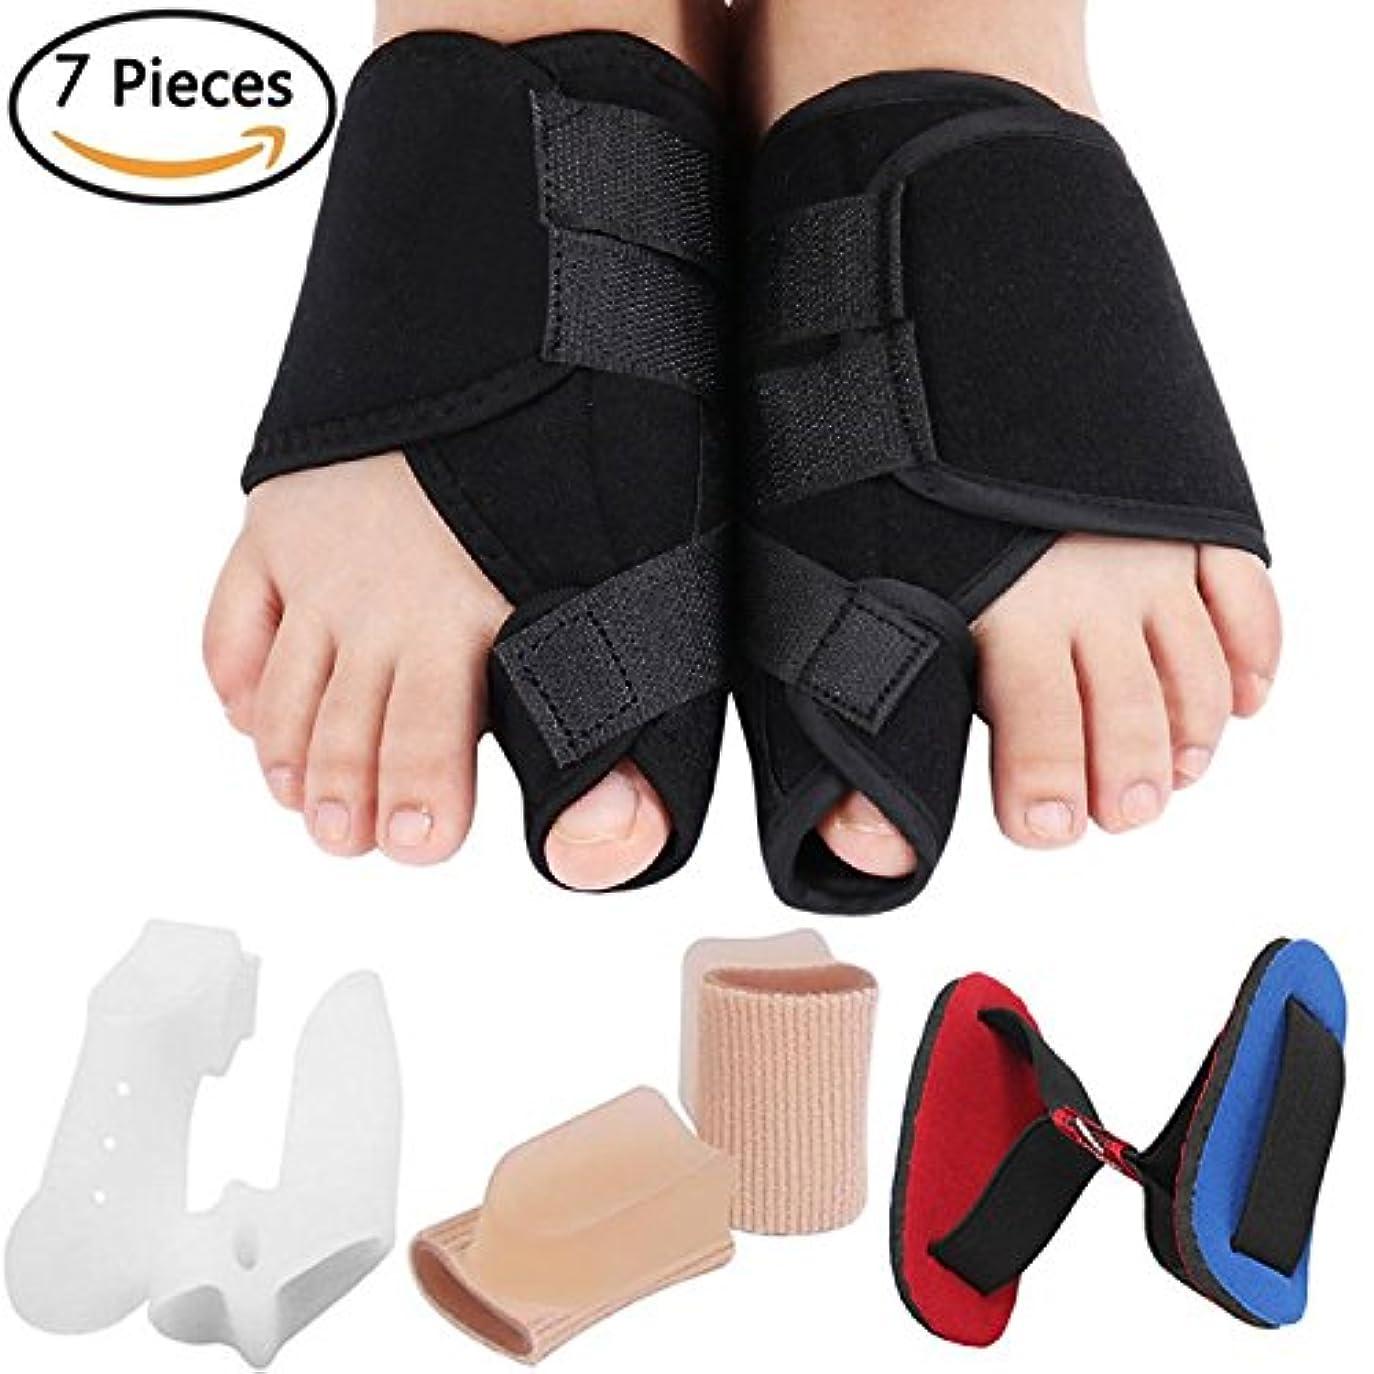 請求欲望汚染するBunion Corrector Bunion Relief Kit, Bunion Splint Toe Straightener Corrector for Hallux Valgus, Big Toe Joint,...